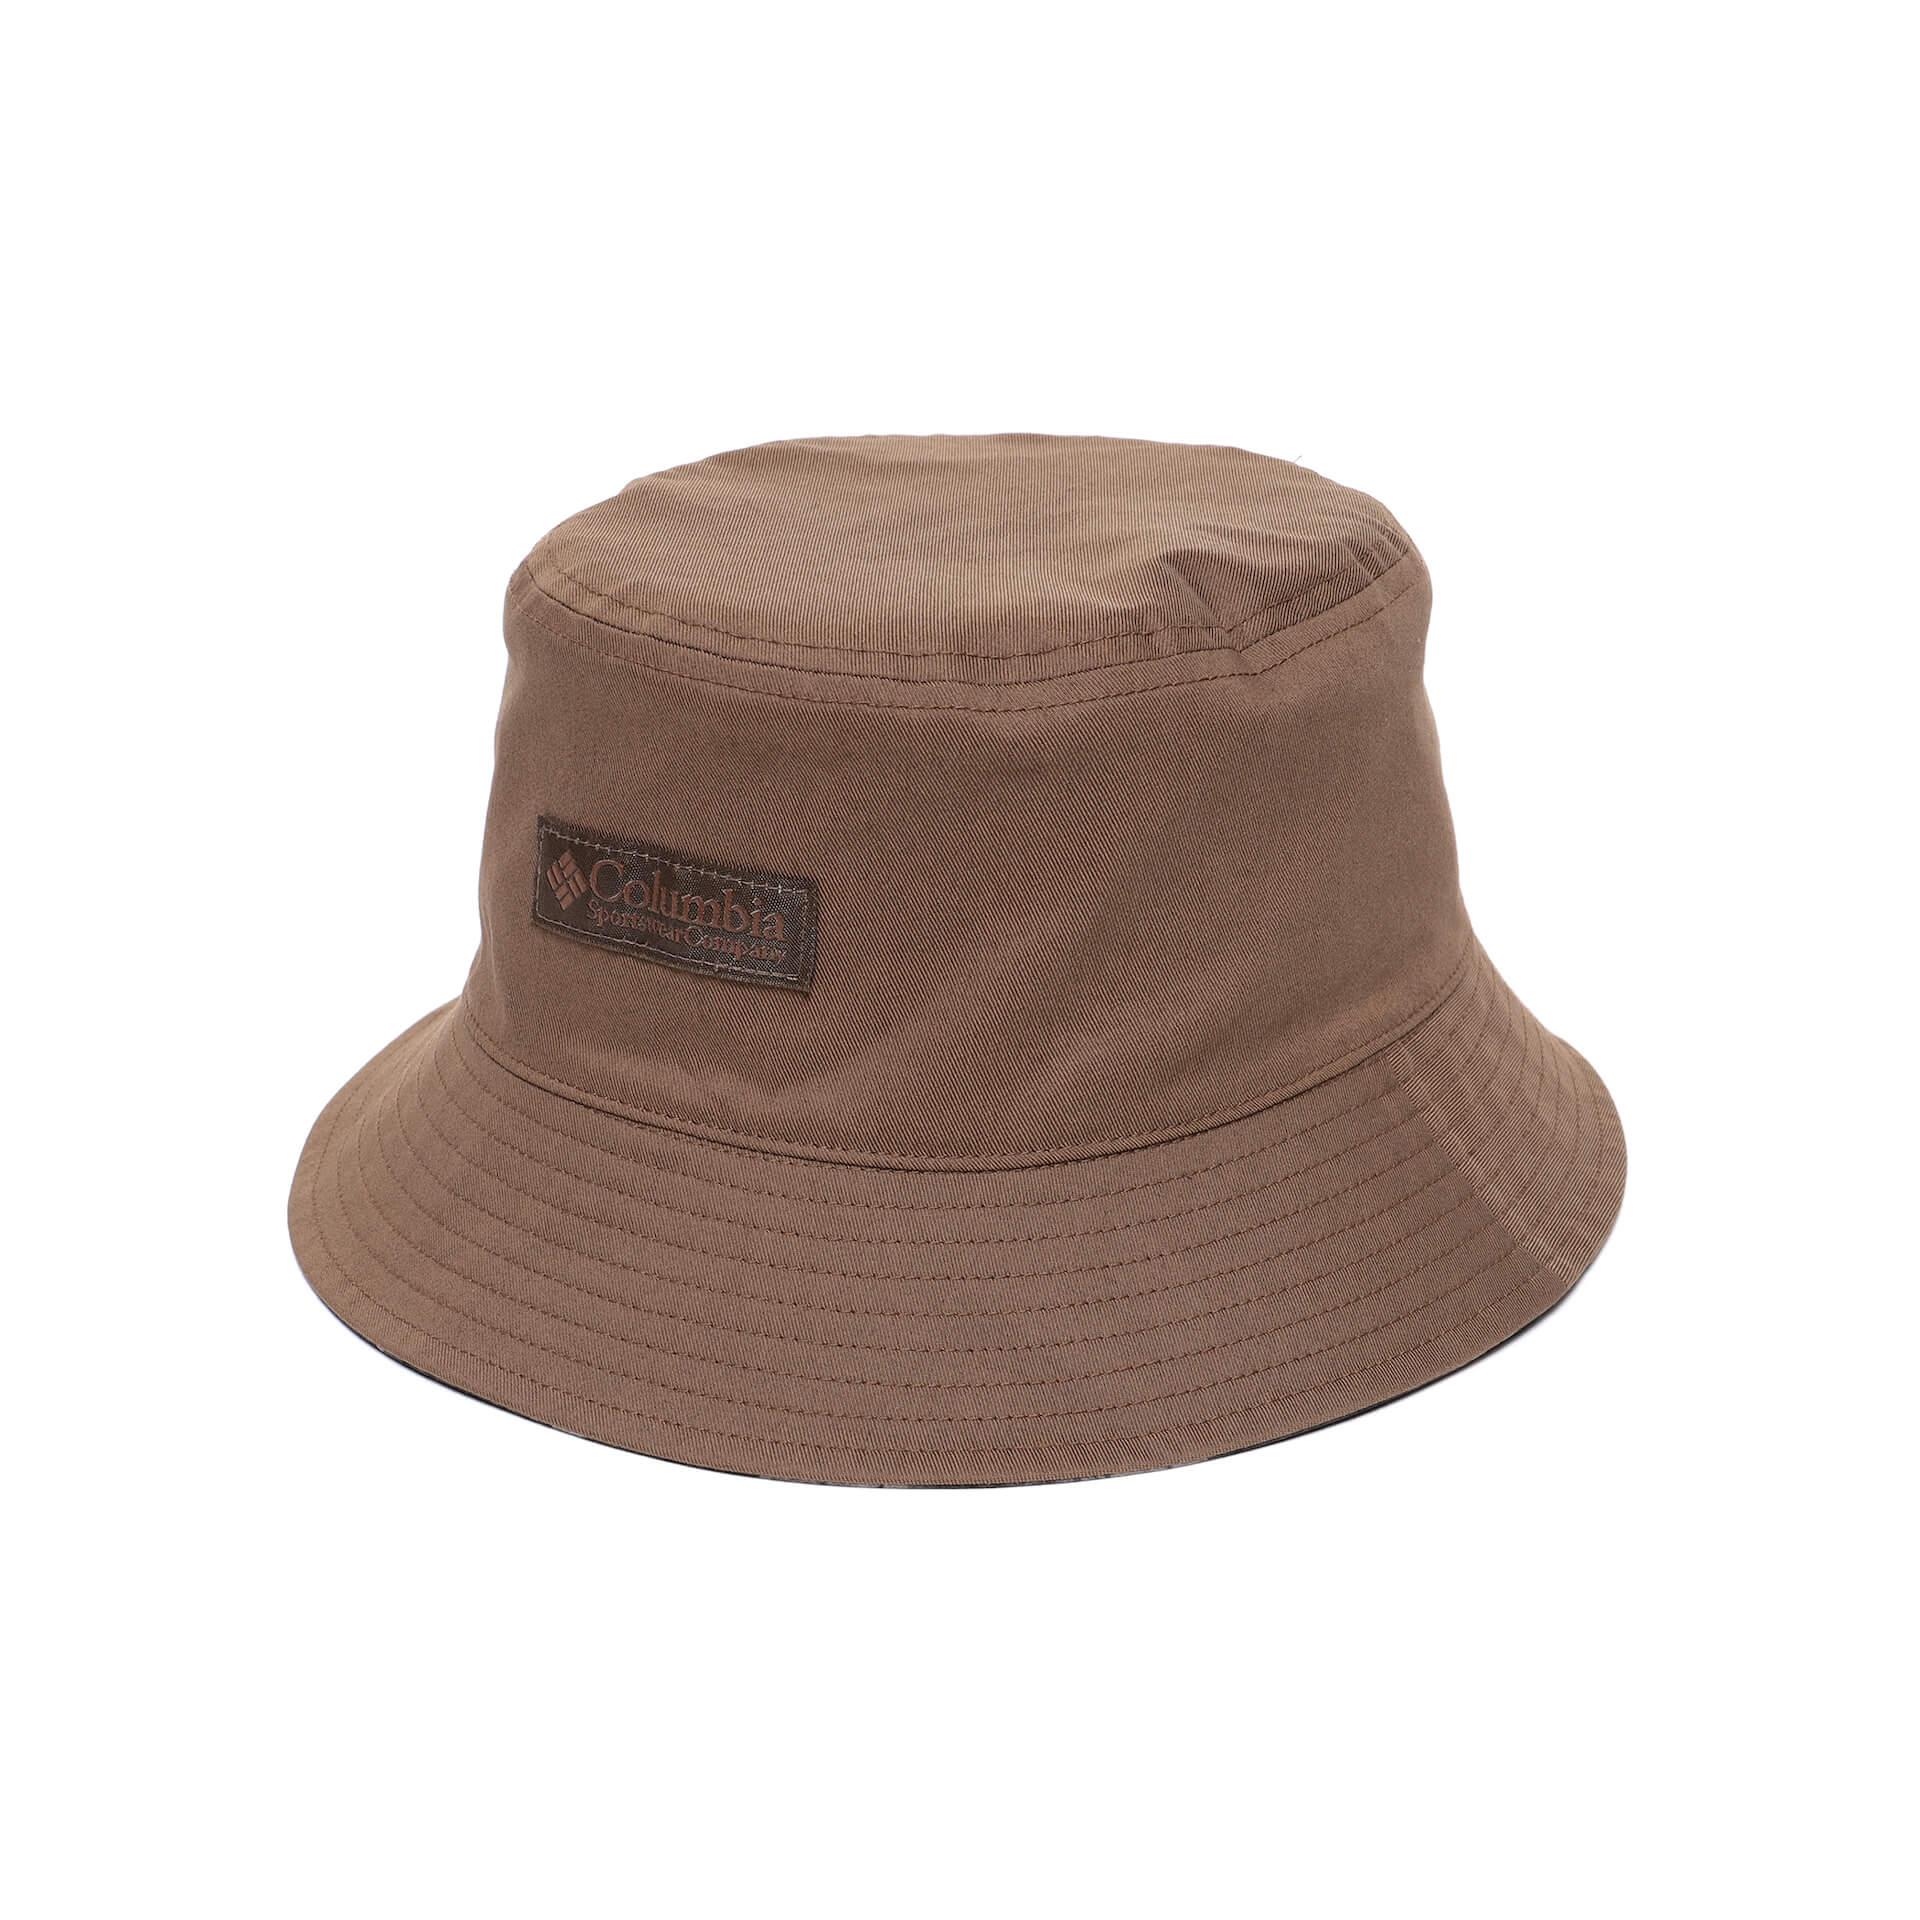 BEAMSとColumbiaのコラボコレクション『Columbia National Park』が登場!全アイテムに施されたカモフラージュ柄が特徴 fashion20201019_beams_columbia_7